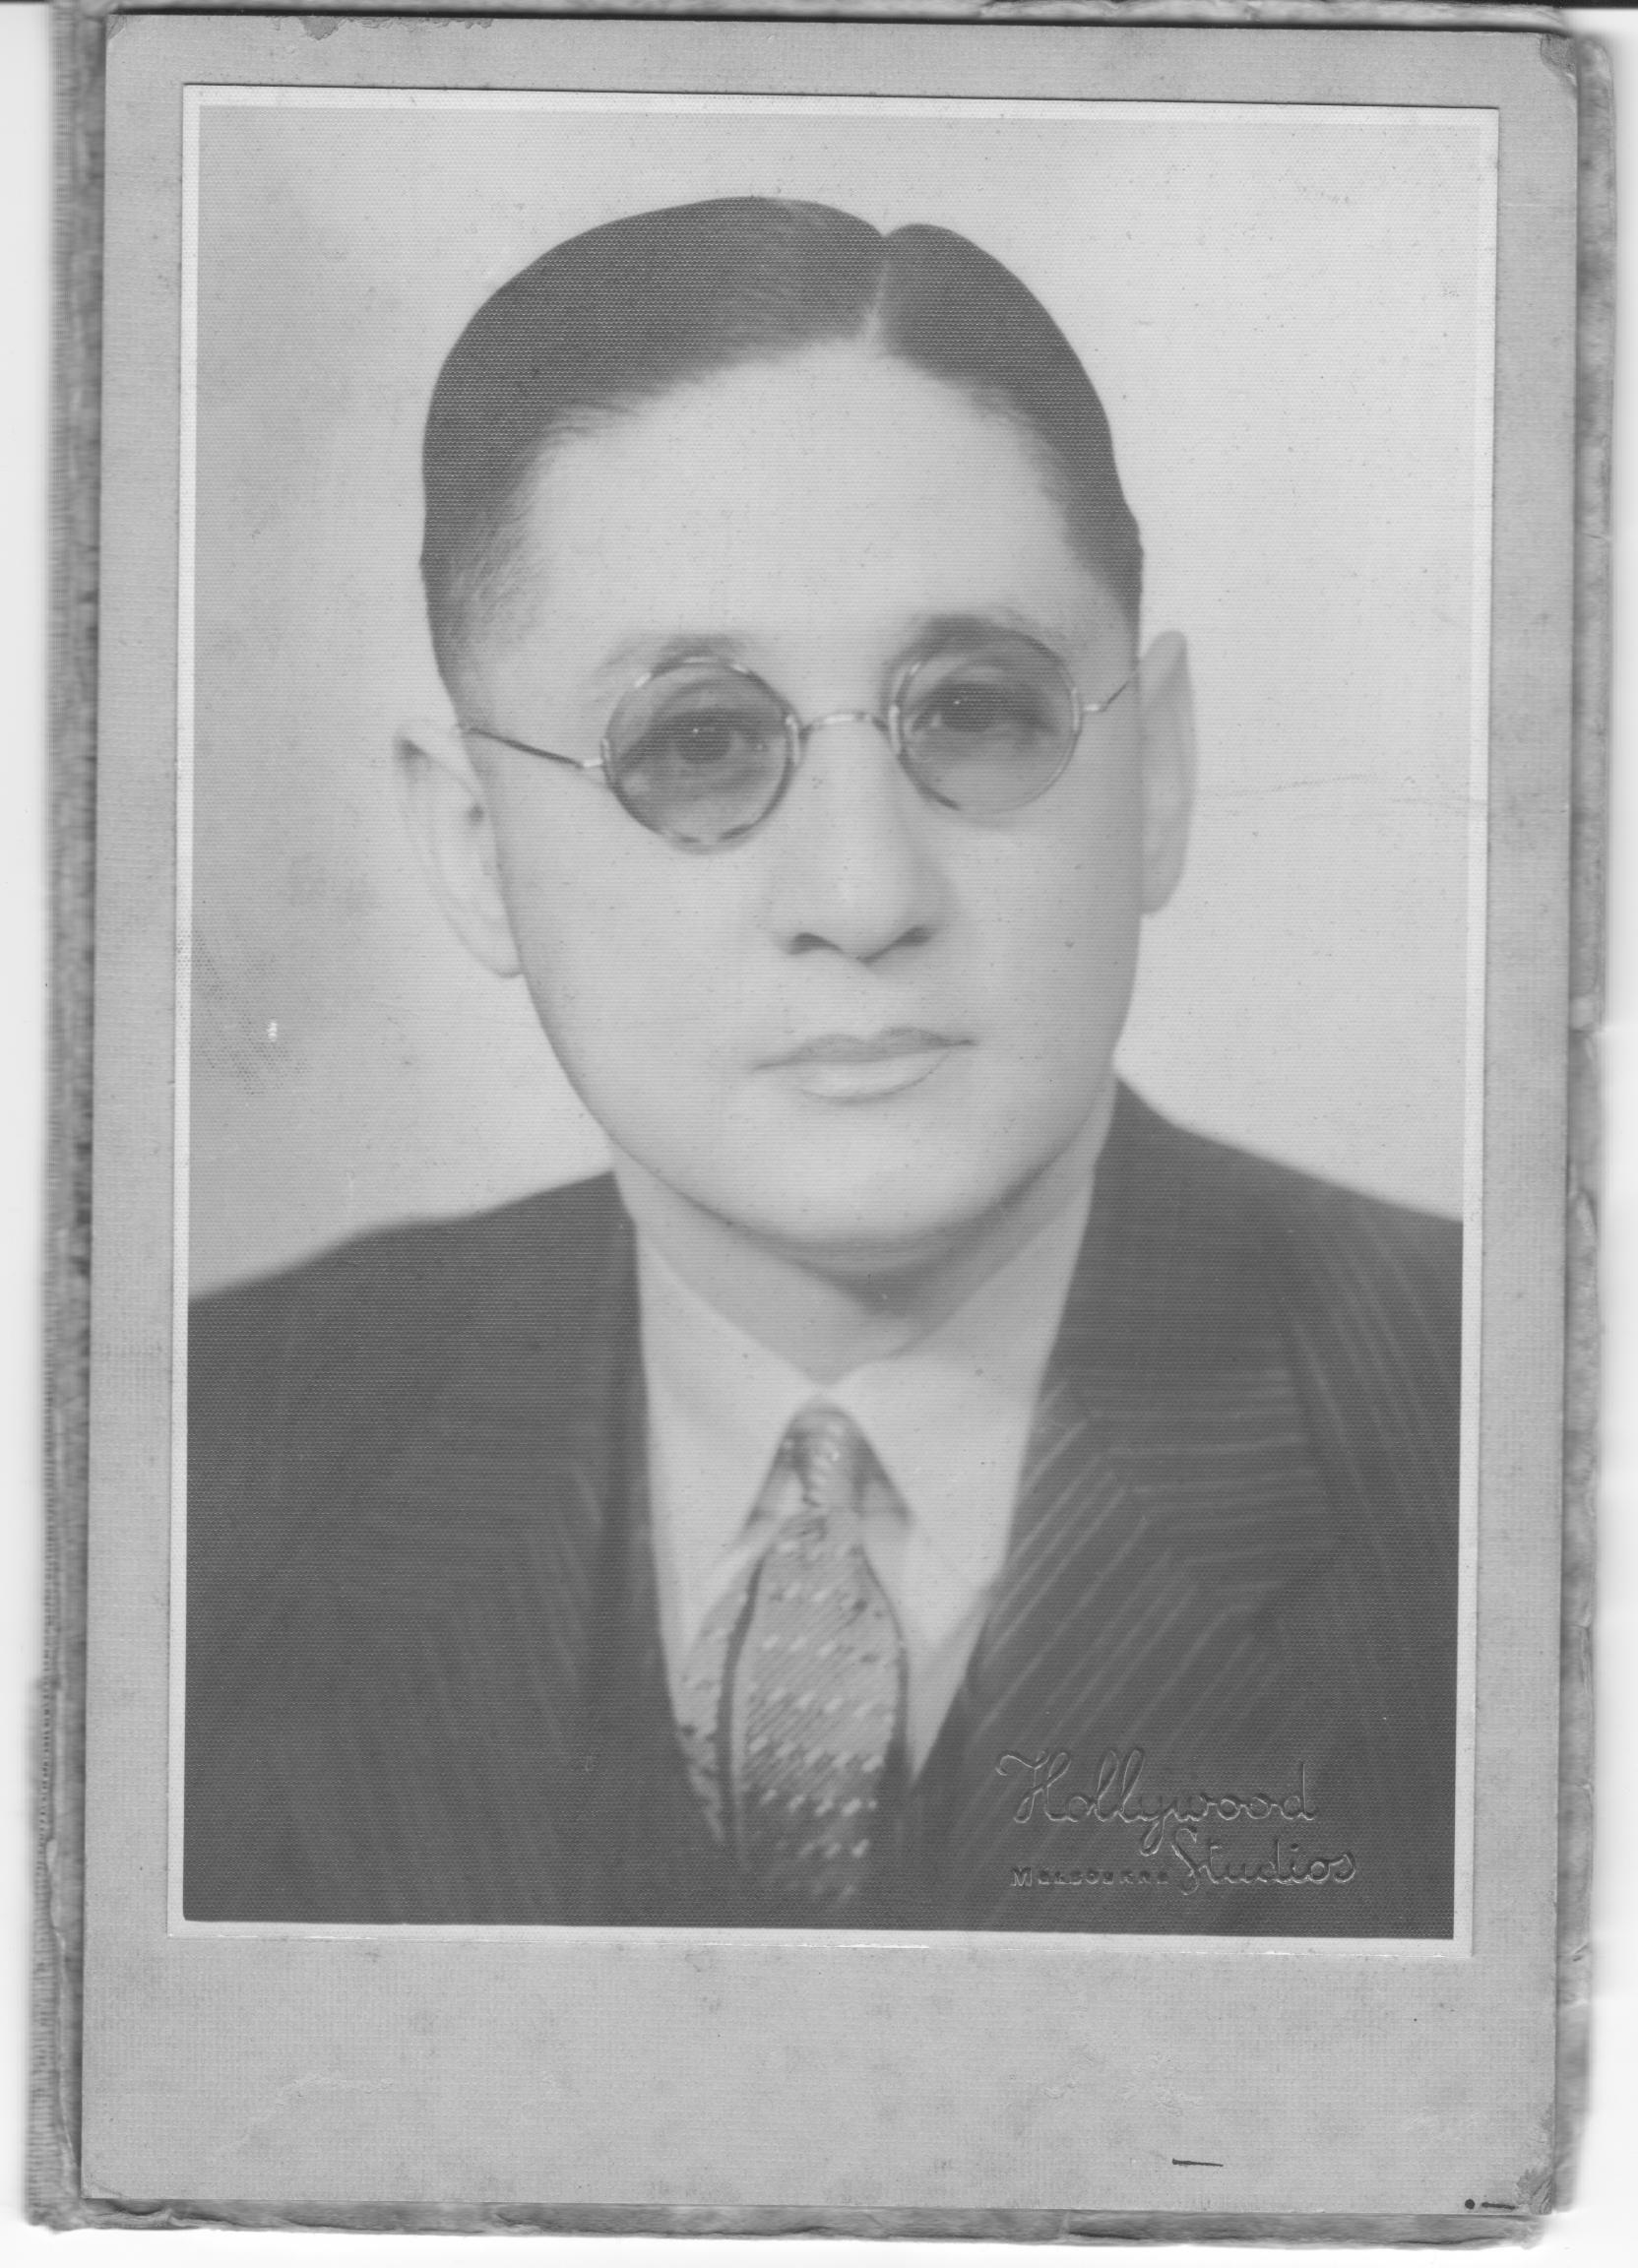 Cecil R Long